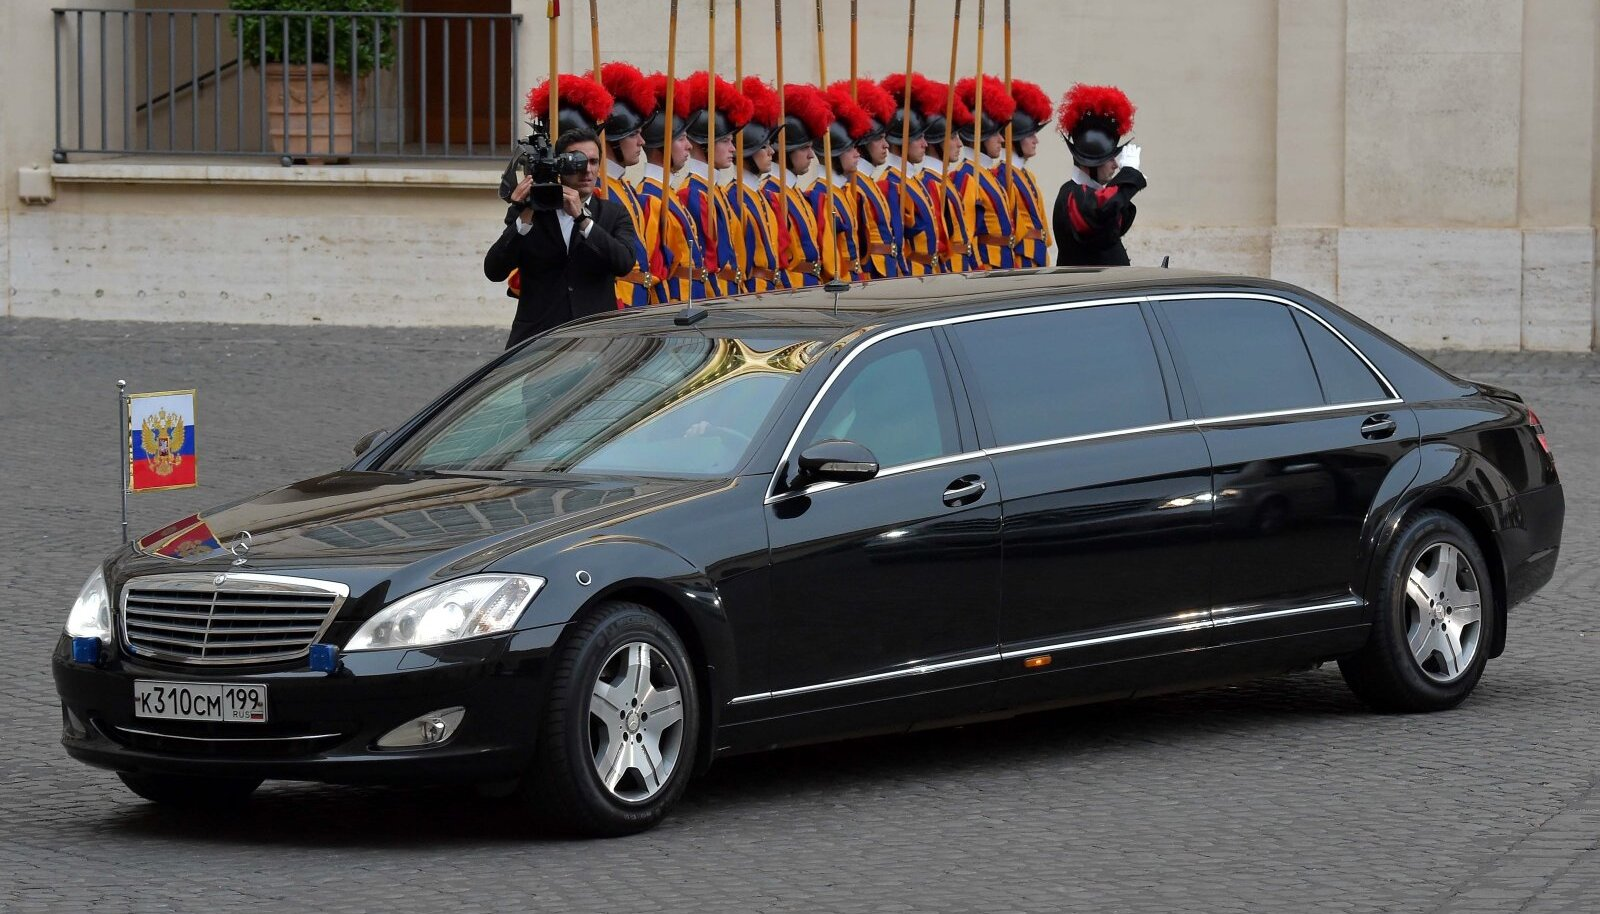 Putin eelistas aastaid sõita just Mercedes-Maybachi Pullmann Guardi soomustatud erilimusiiniga, nagu on näha ka sellelt Vatikani visiidi jäädvustuselt 2015. aastast. 2018. aastast on ta enamasti kasutanud Venemaal toodetud Aurus Senatit.